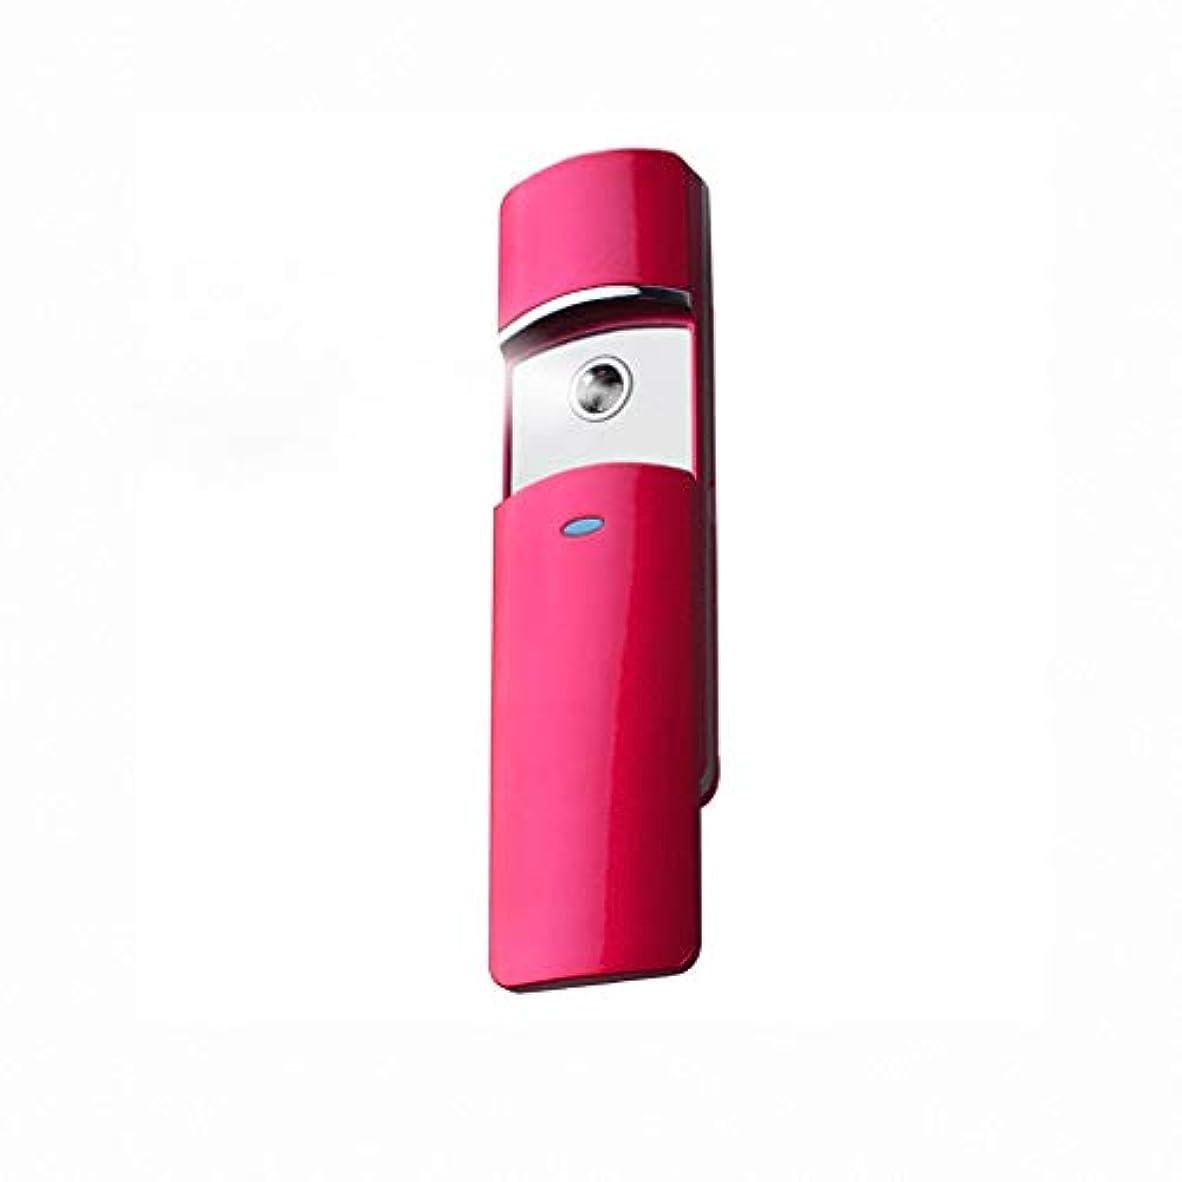 ブリーク平らにする検査官噴霧器usb充電式ポータブルフェイシャルスプレー用スキンケアメイクアップまつげエクステンションポータブル抗アレルギースチーマー充電器